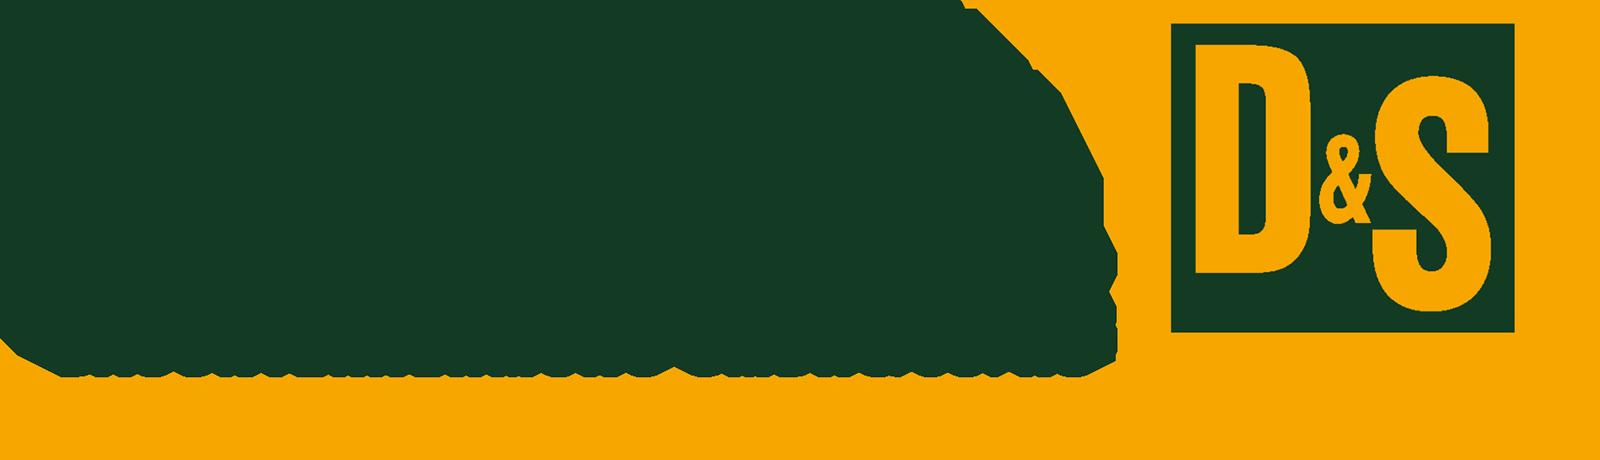 Diringer & Scheidel BAU GmbH & Co. KG